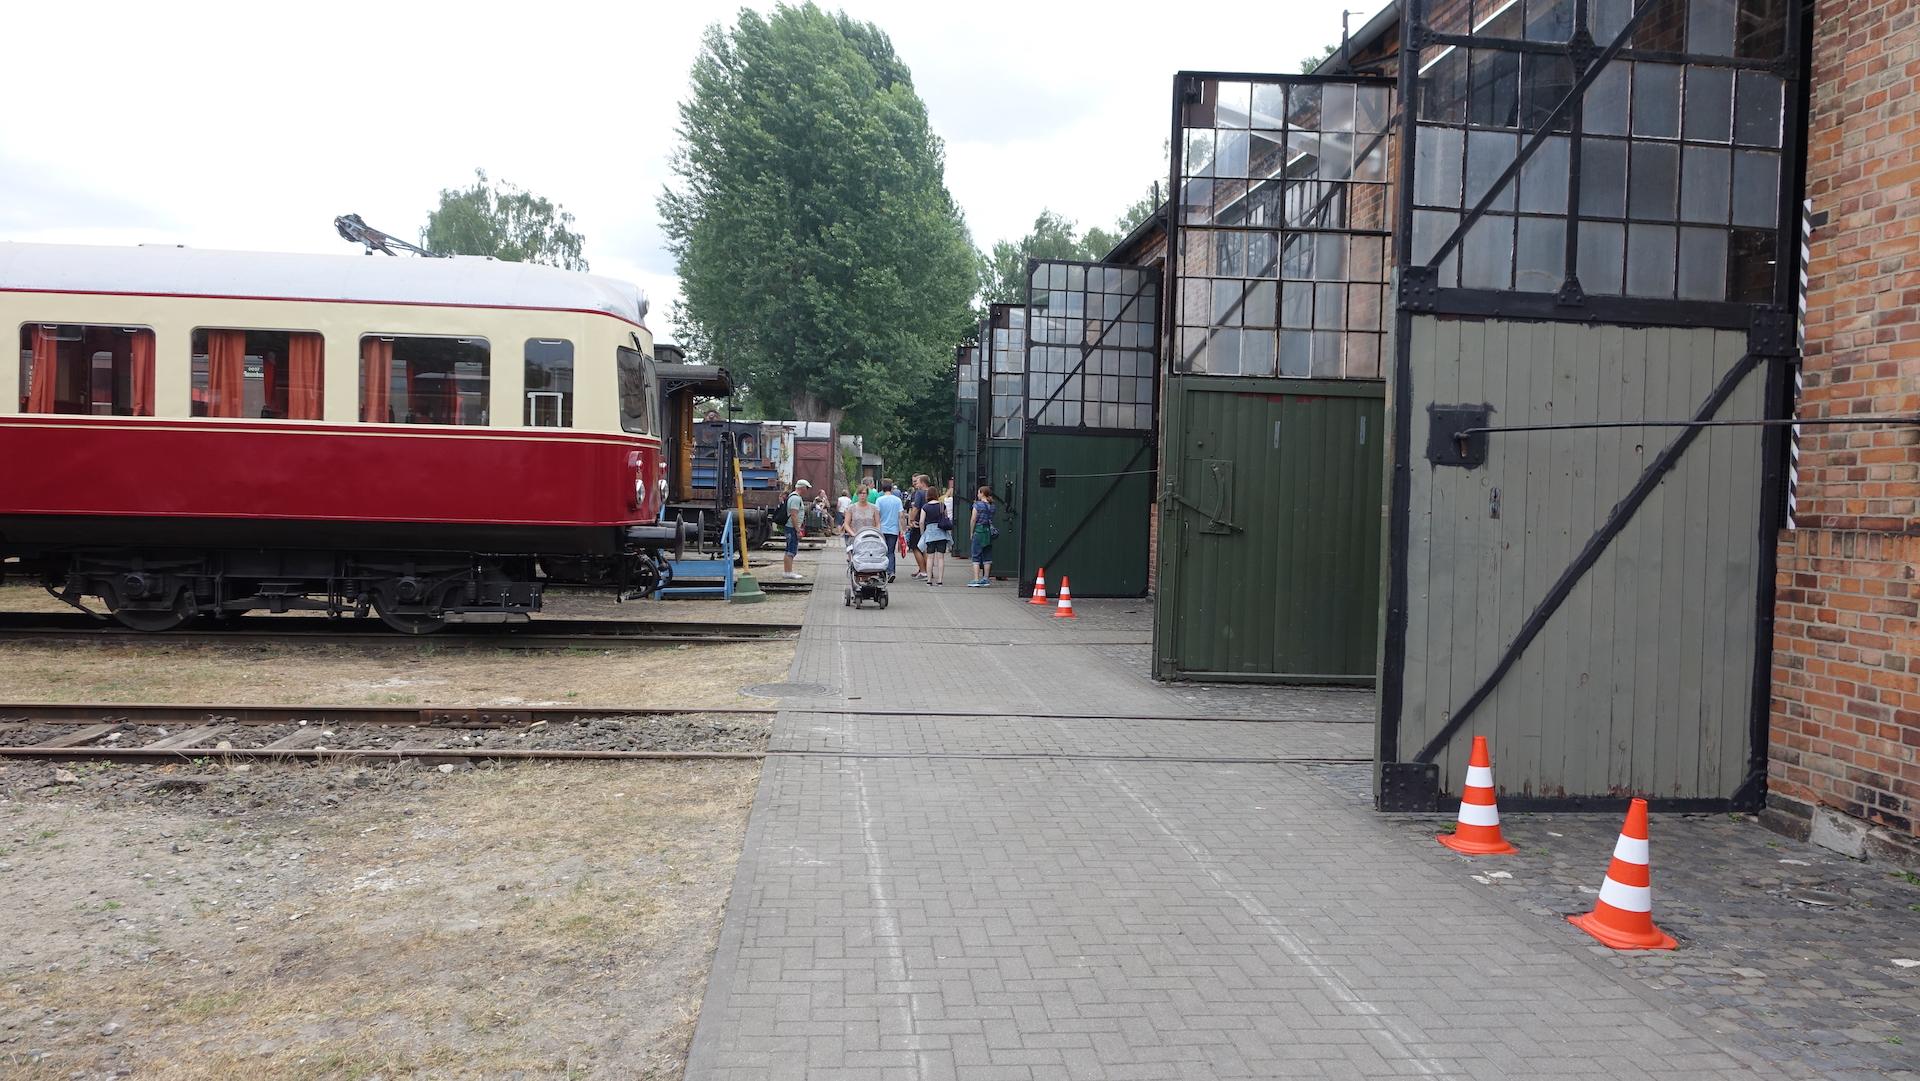 18_06_17-Lokpark-BS_023